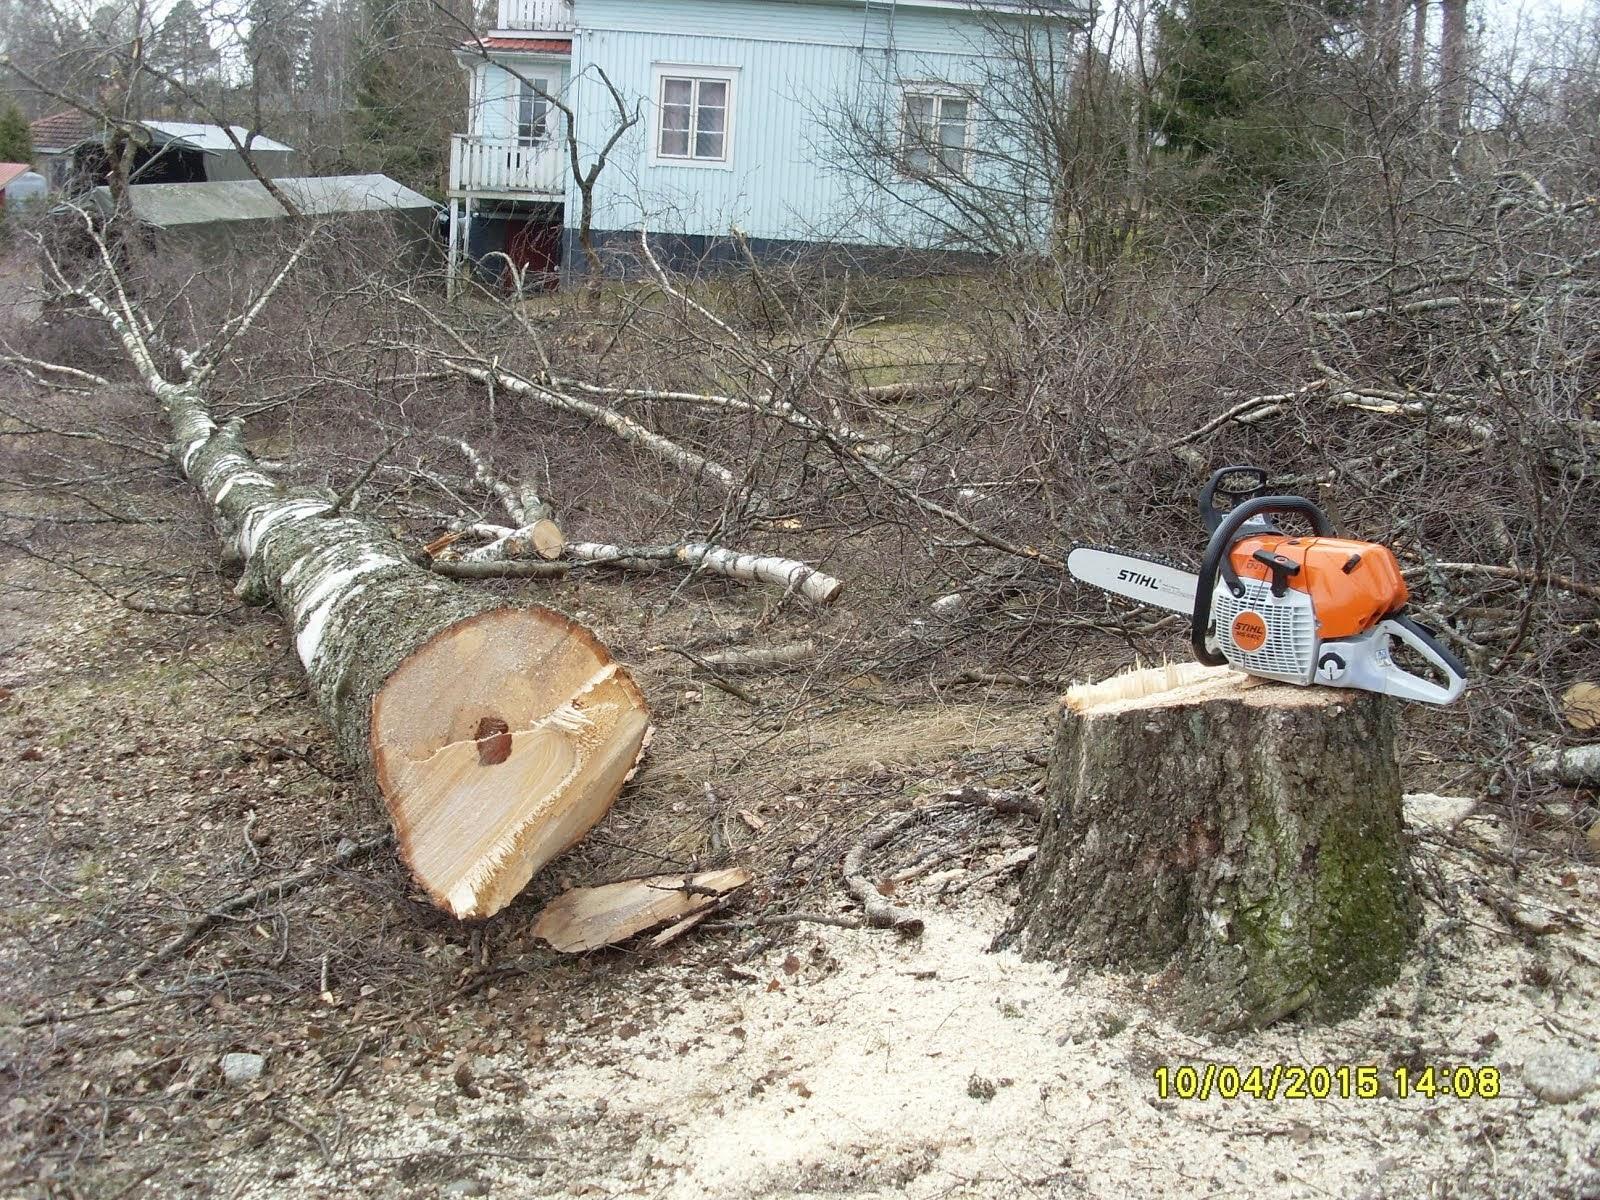 Pihakoivujen ja muidenkin pihapuiden kaadot Tampere Pirkanmaa alueilla käteisellä